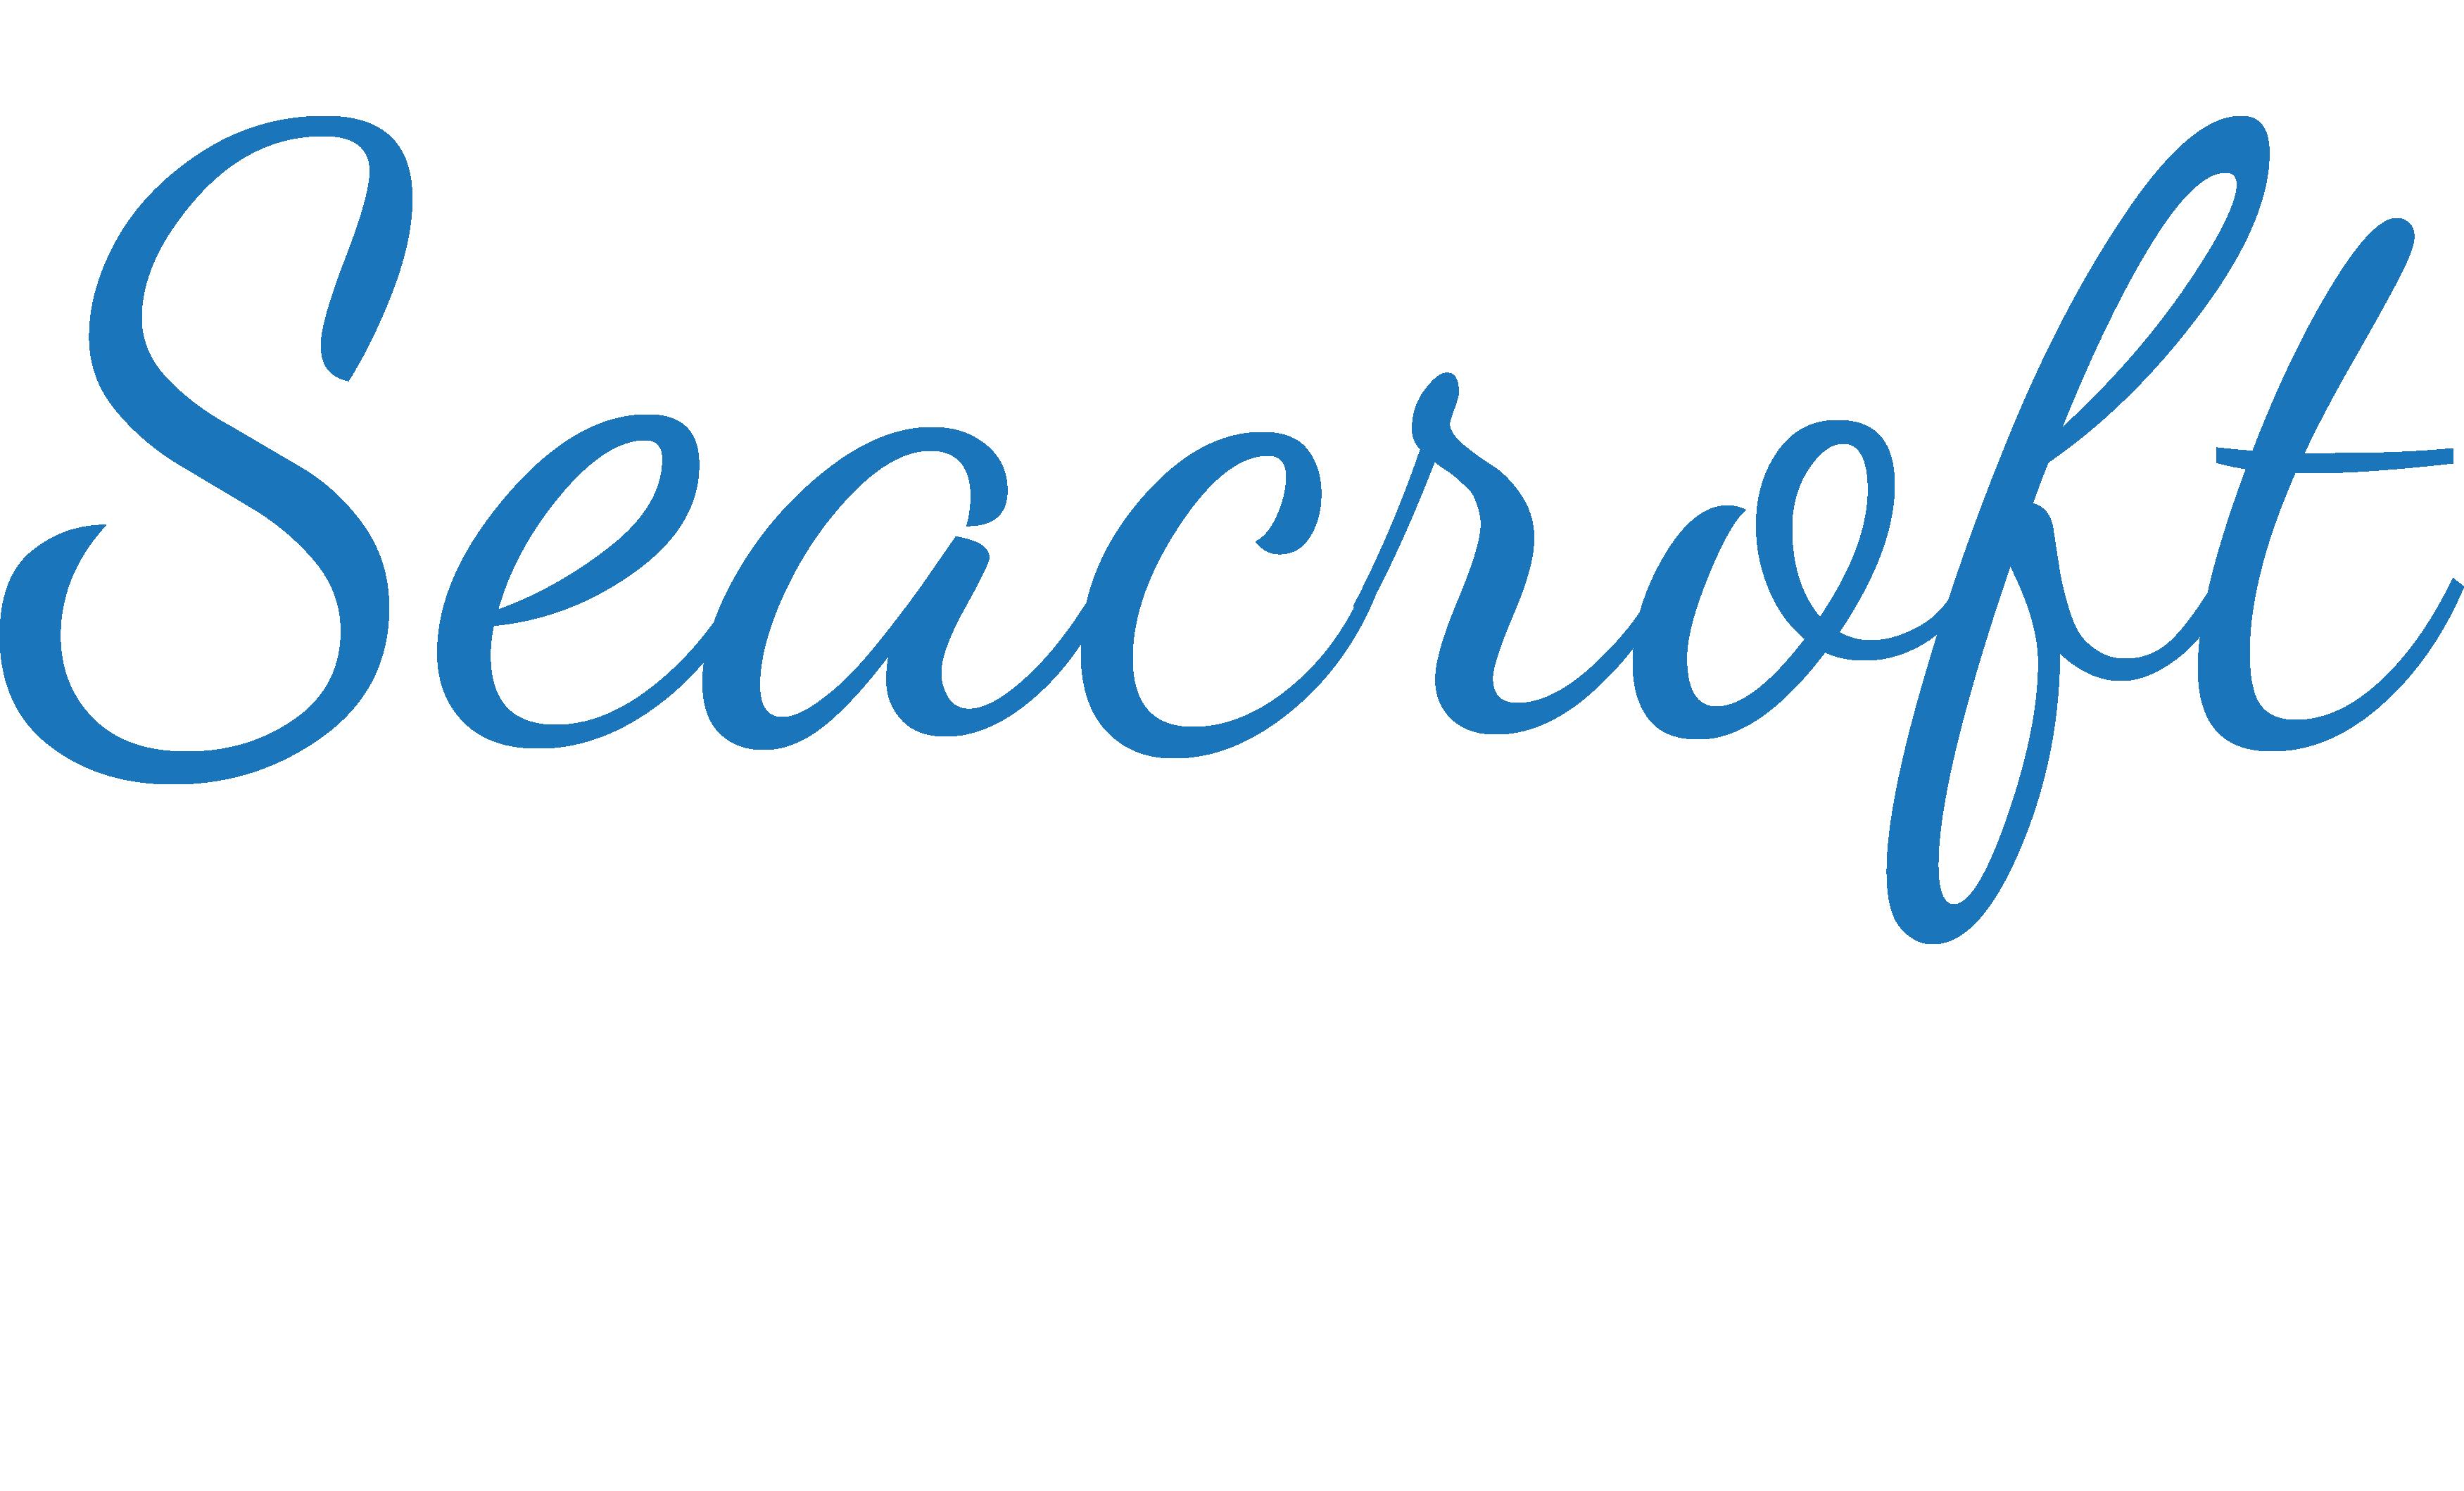 Seacroft